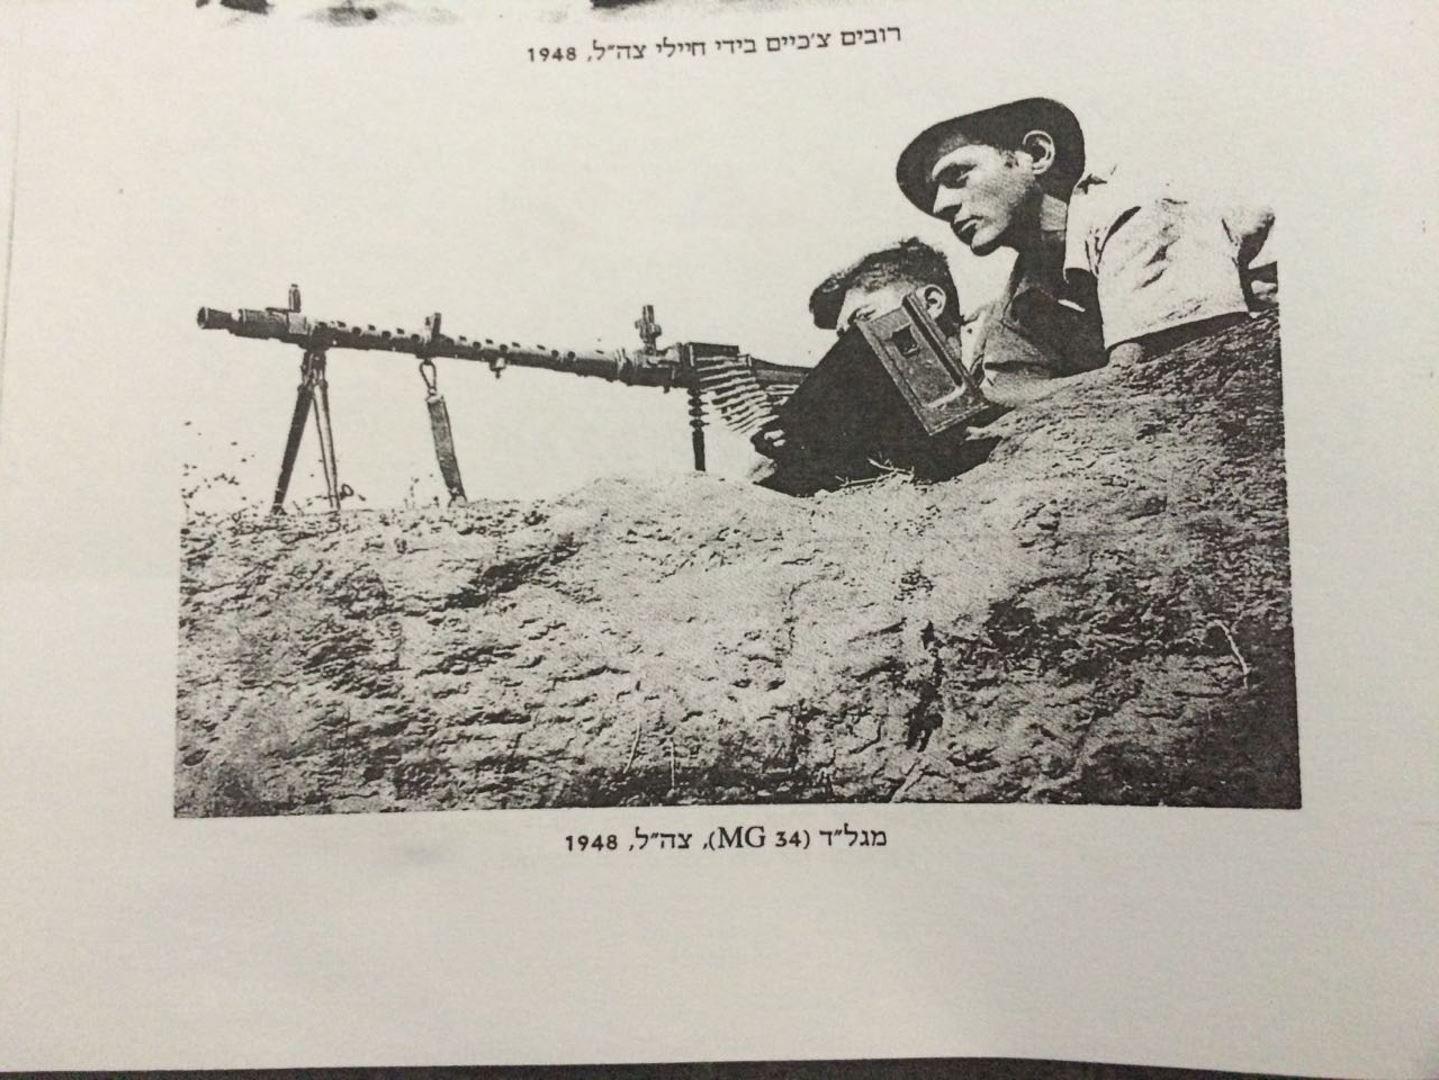 أسلحة تشيكية استخدمها الإسرائيليون في 1948